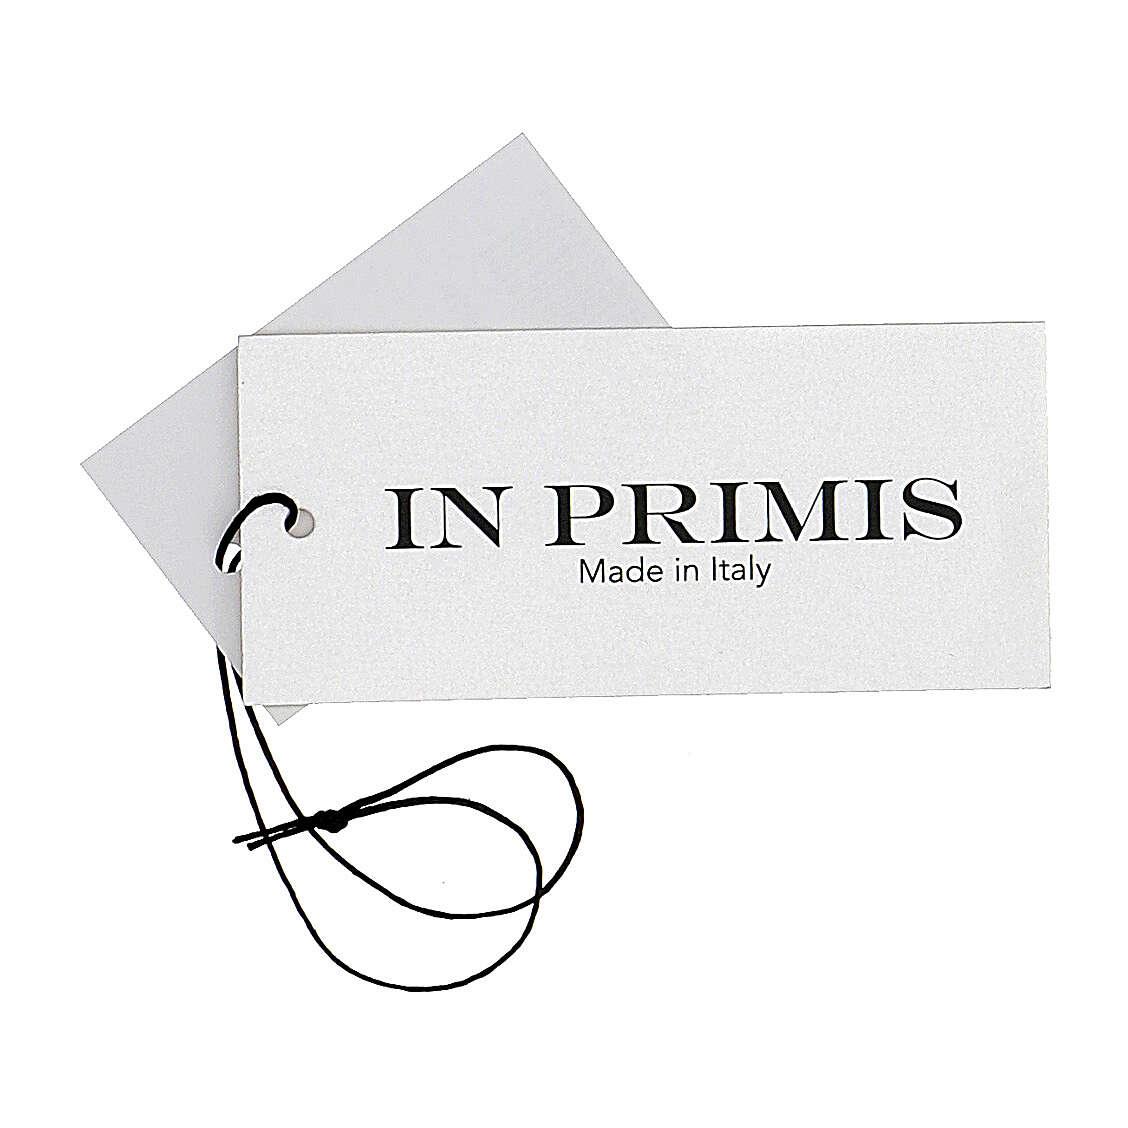 Casaco de malha castanho decote em V para freira com bolsos, 50% acrílico e 50% lã de merino, linha